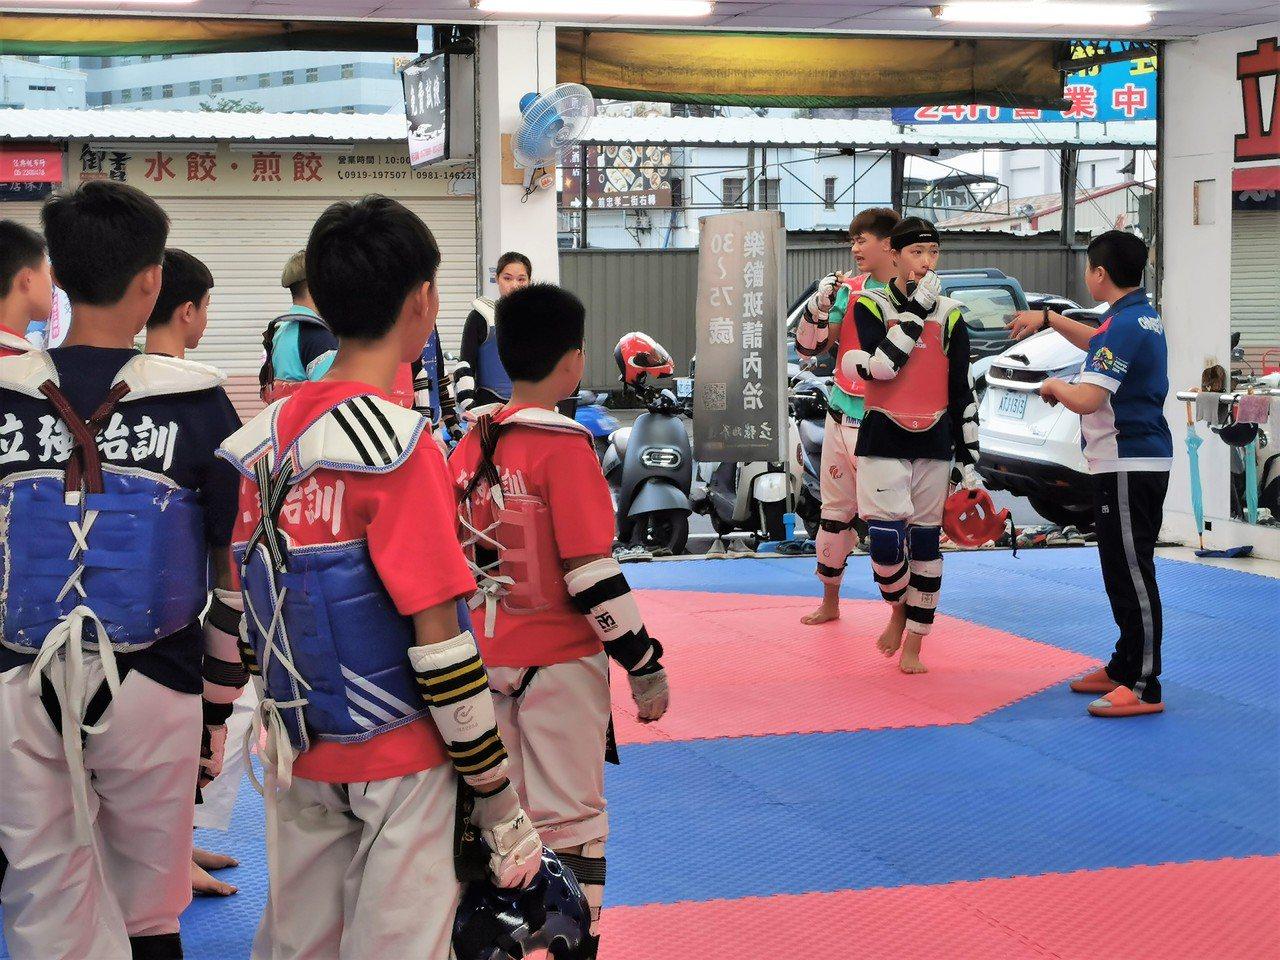 楊喬詠(右)推動樂齡跆拳多年,強調依個人身體狀況調整強度,但一定要紮實基礎。 圖...